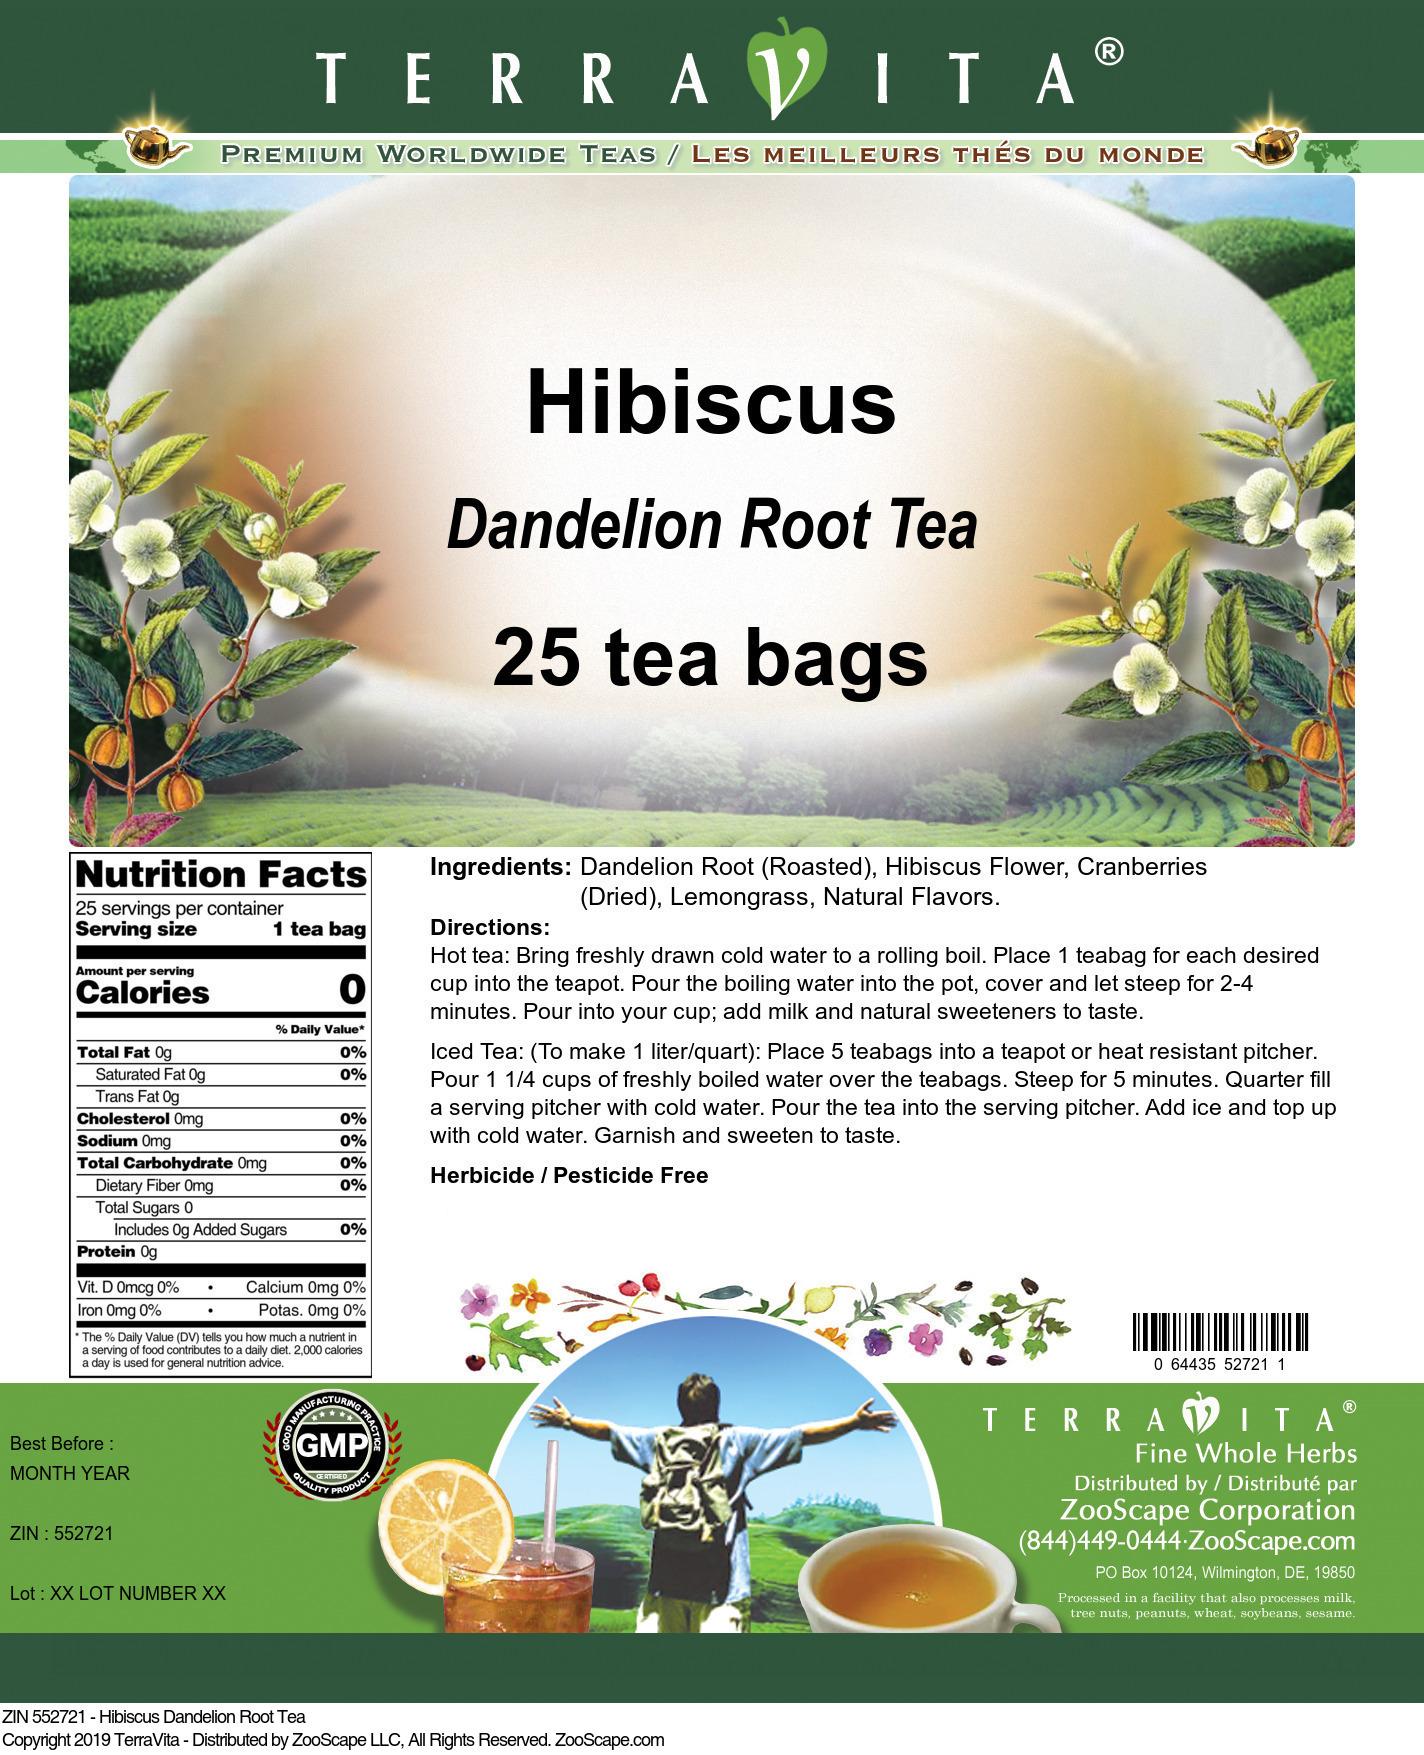 Hibiscus Dandelion Root Tea